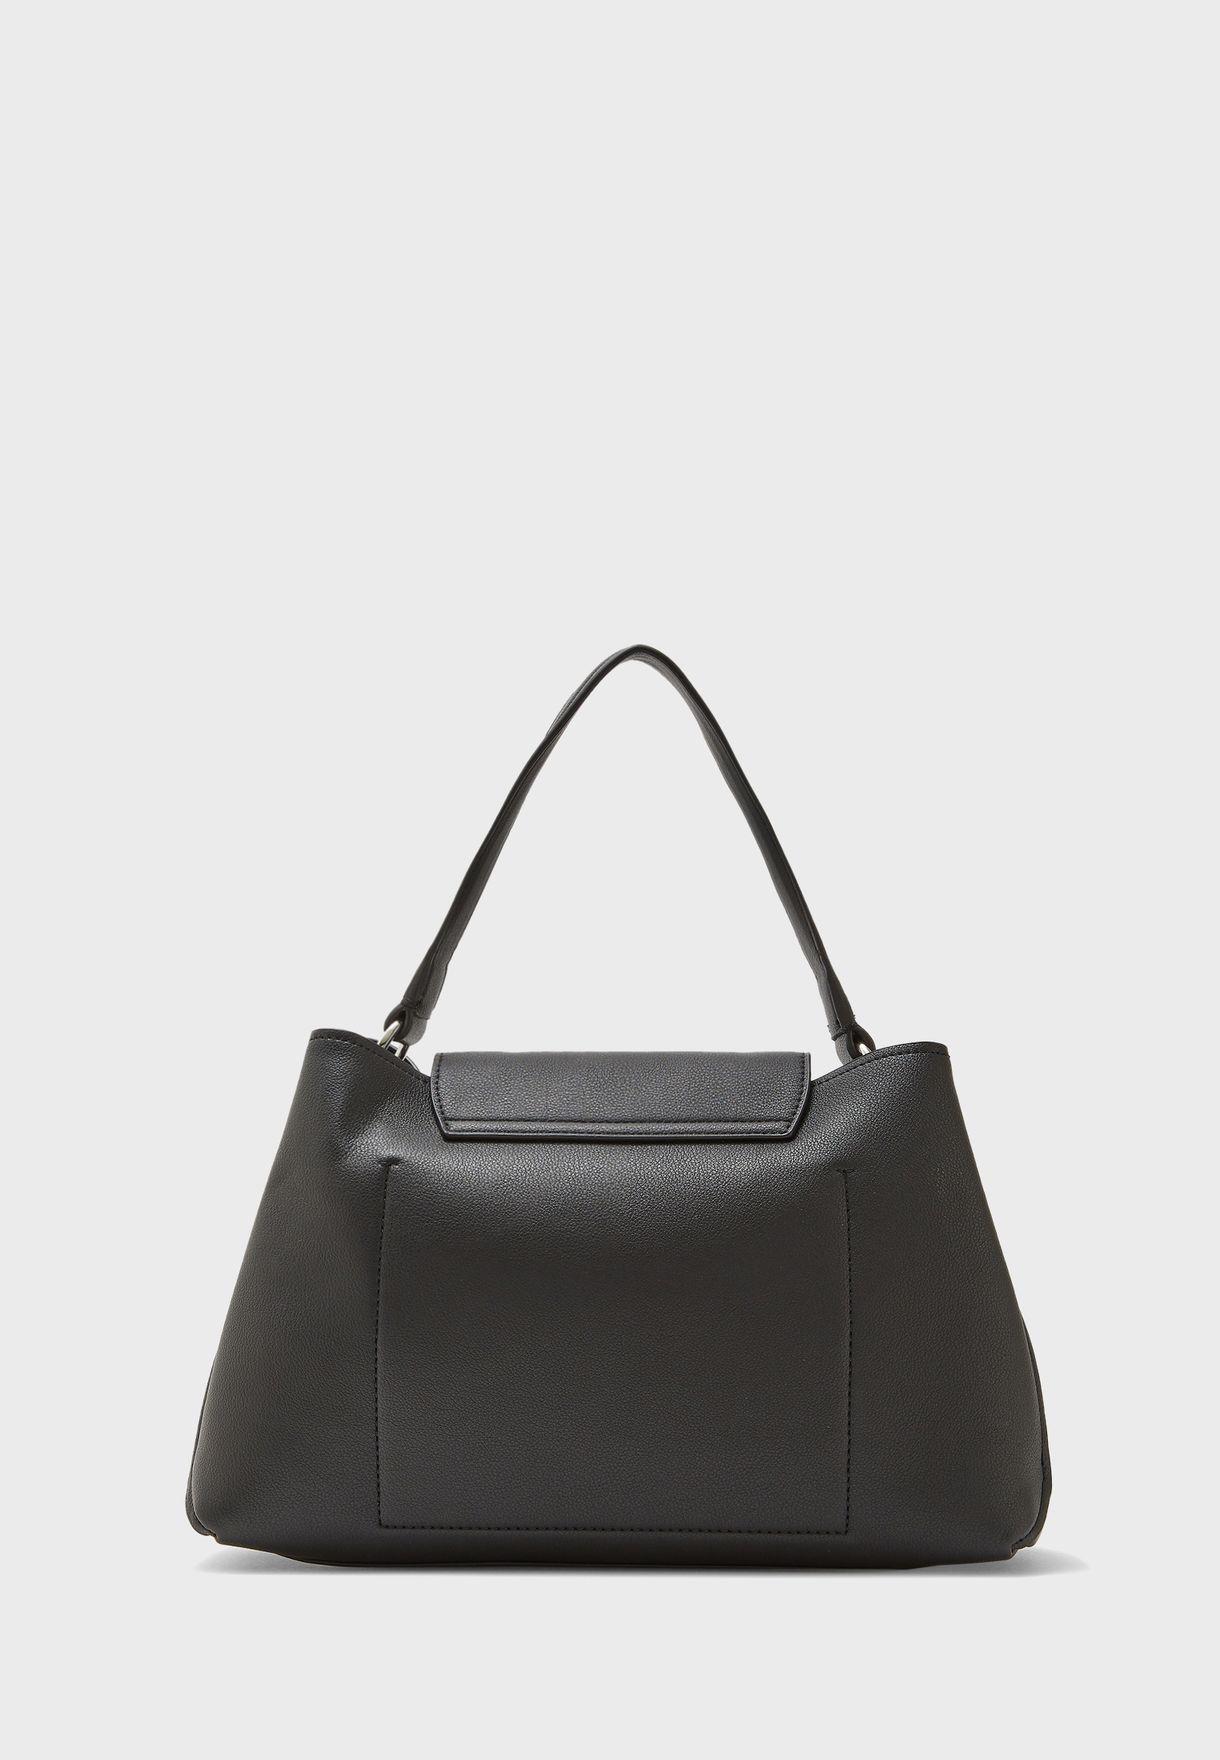 Lock Shoulder Top Handle Handbag